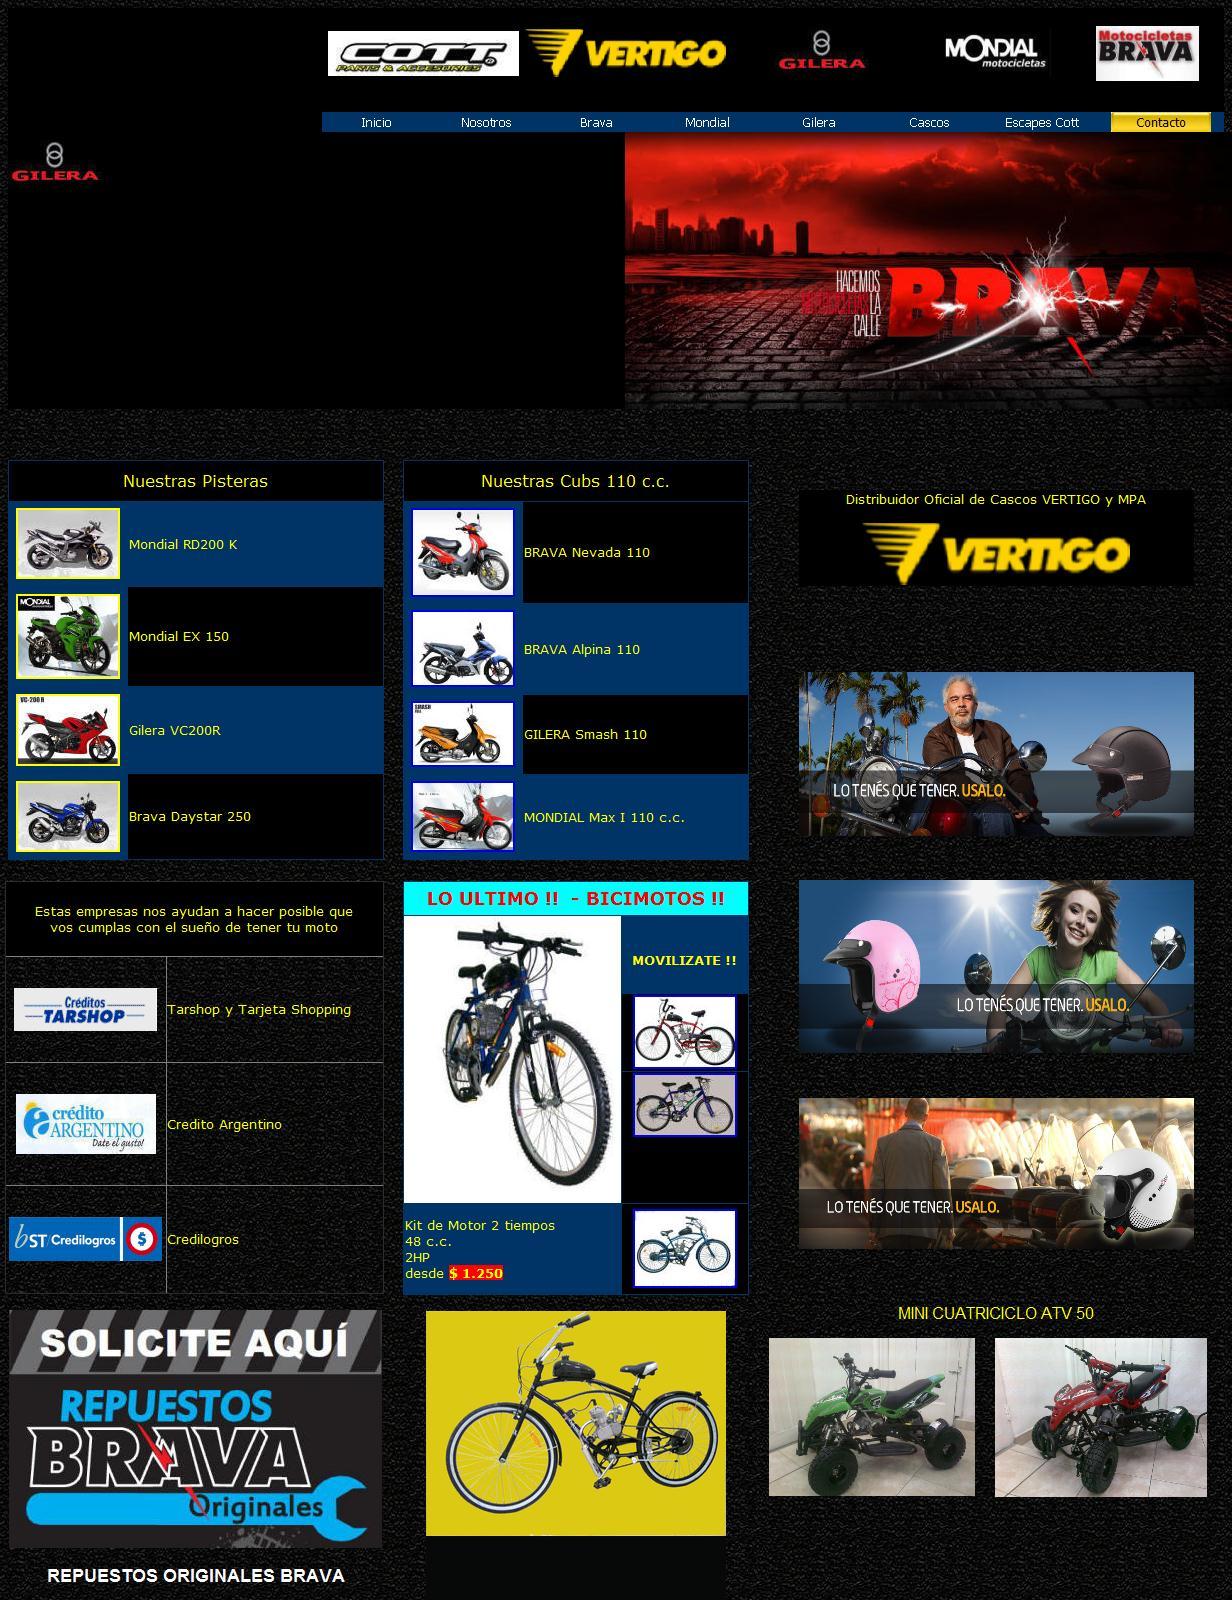 Cordoba Moto SRL - Motocicletas Brava, Gilera, Mondial